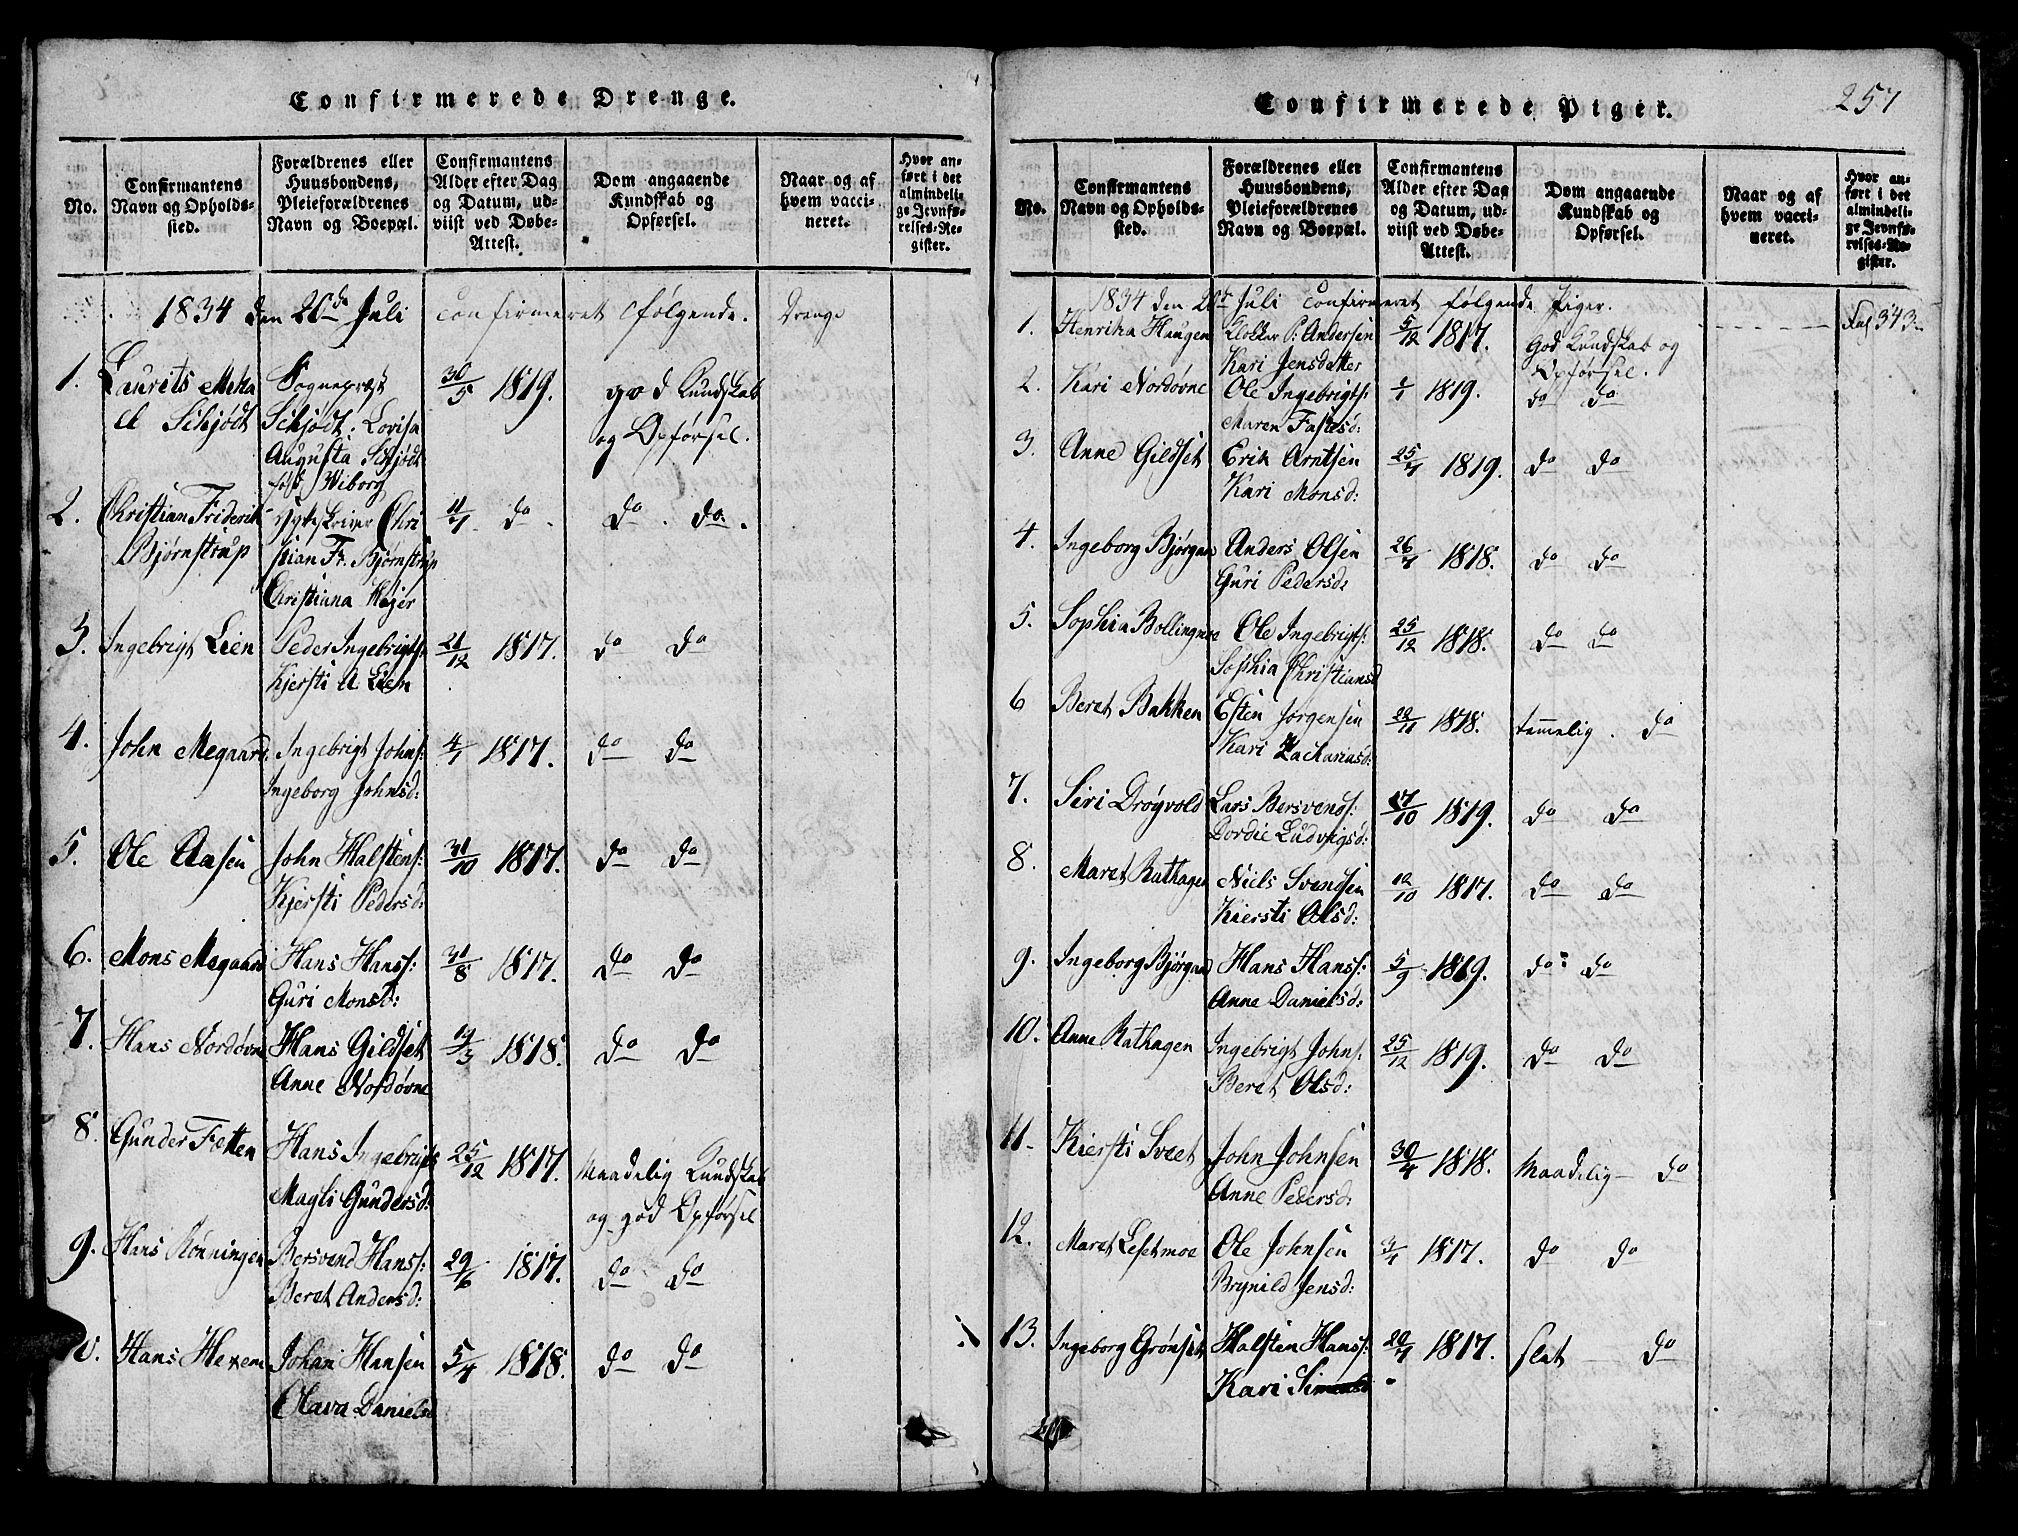 SAT, Ministerialprotokoller, klokkerbøker og fødselsregistre - Sør-Trøndelag, 685/L0976: Klokkerbok nr. 685C01, 1817-1878, s. 257